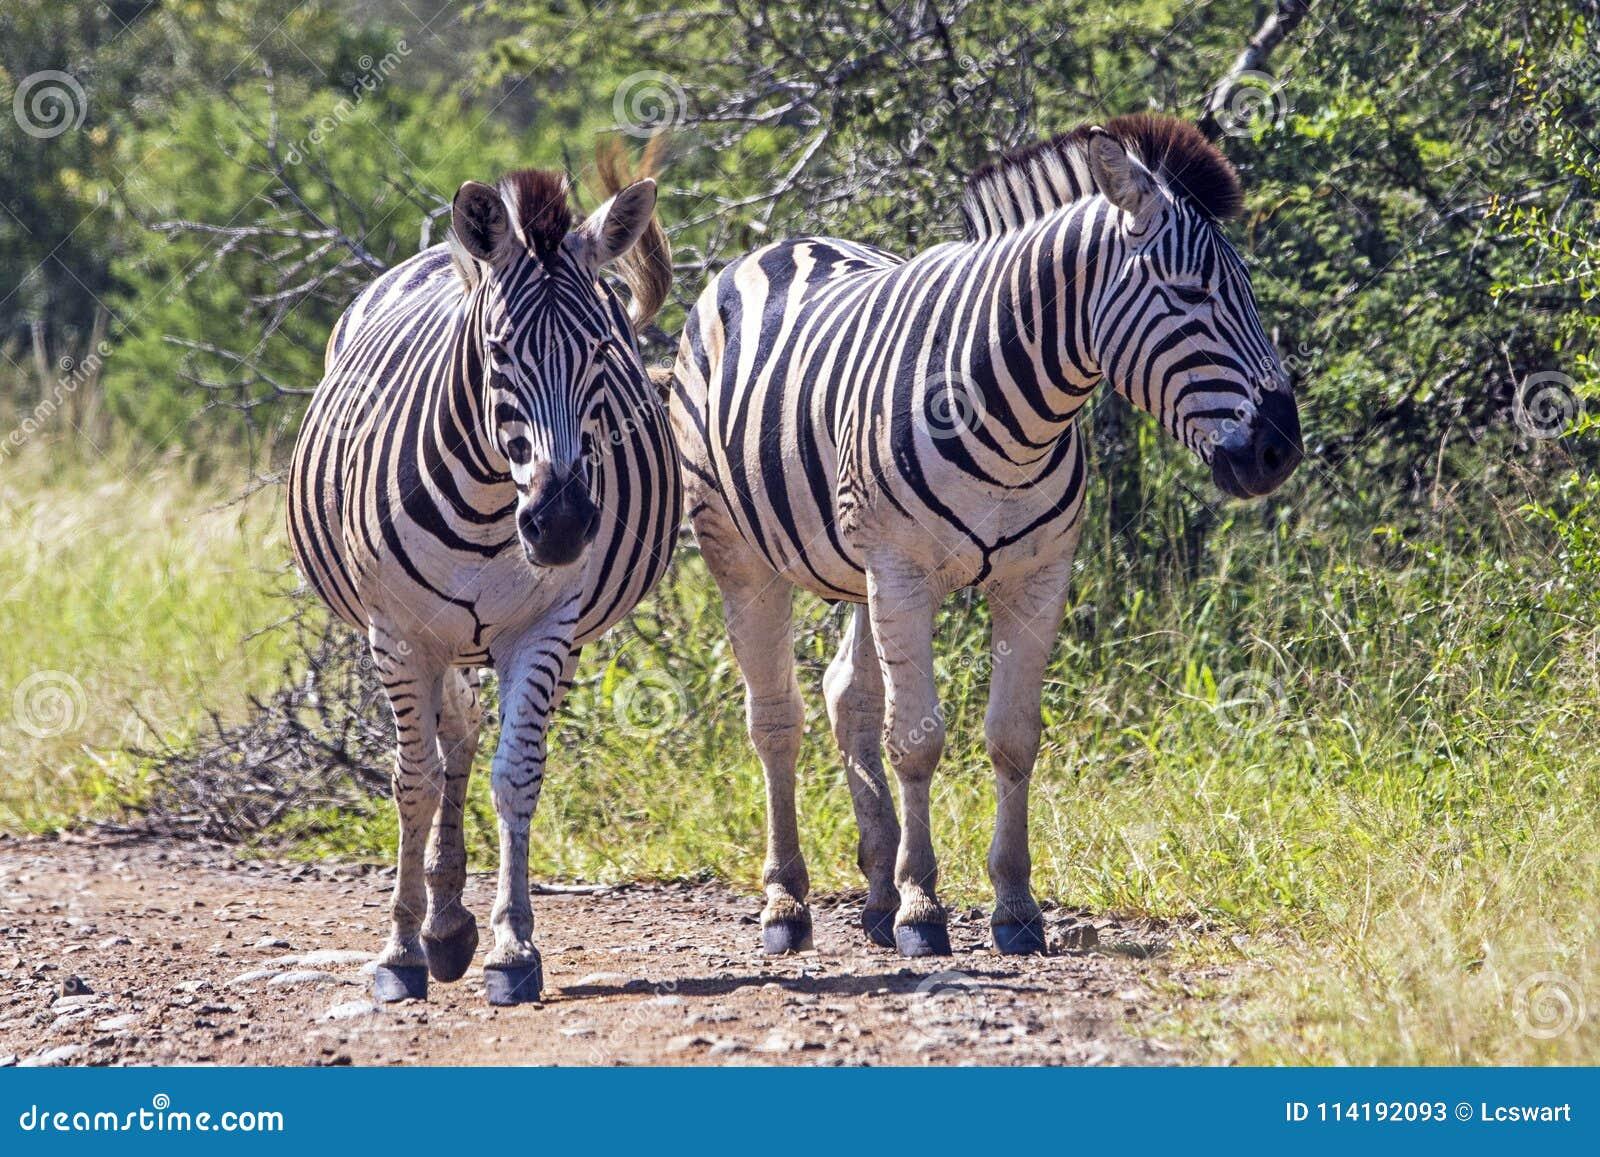 Zebra zwei auf Schotterweg in natürlicher Bushland-Landschaft